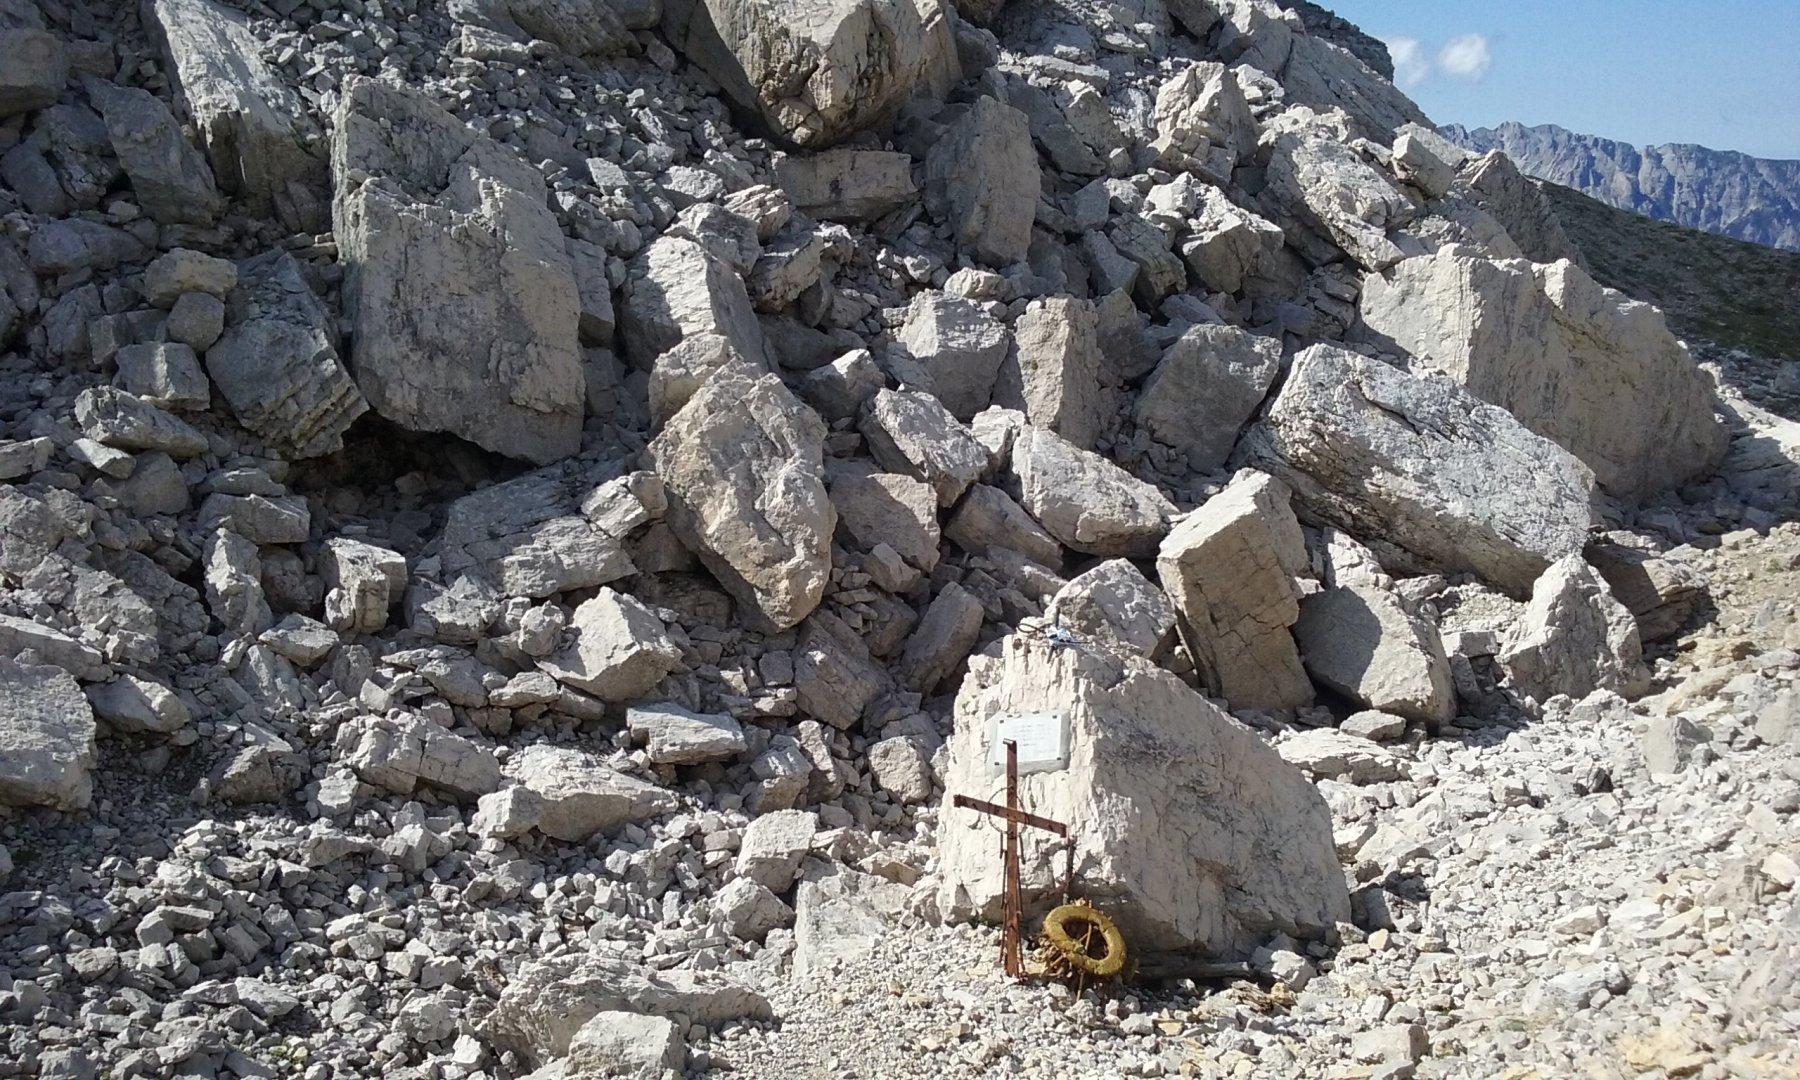 il Dente Italiano devastato dallo scoppio delle mine austriache